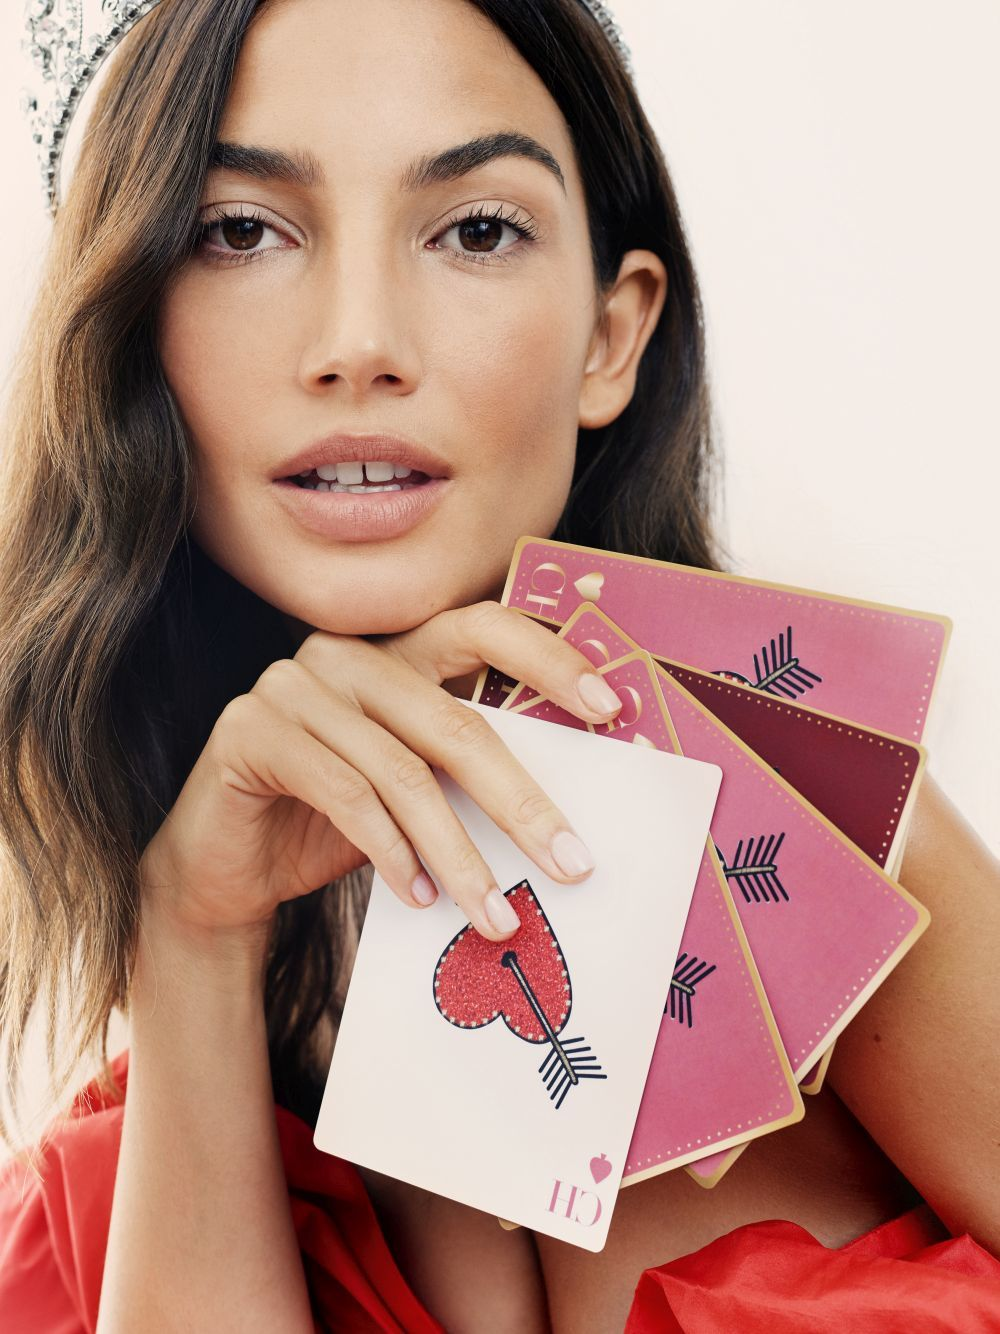 Lily Aldridge en la campaña de la nueva fragancia de la que es imagen: CH Queen.